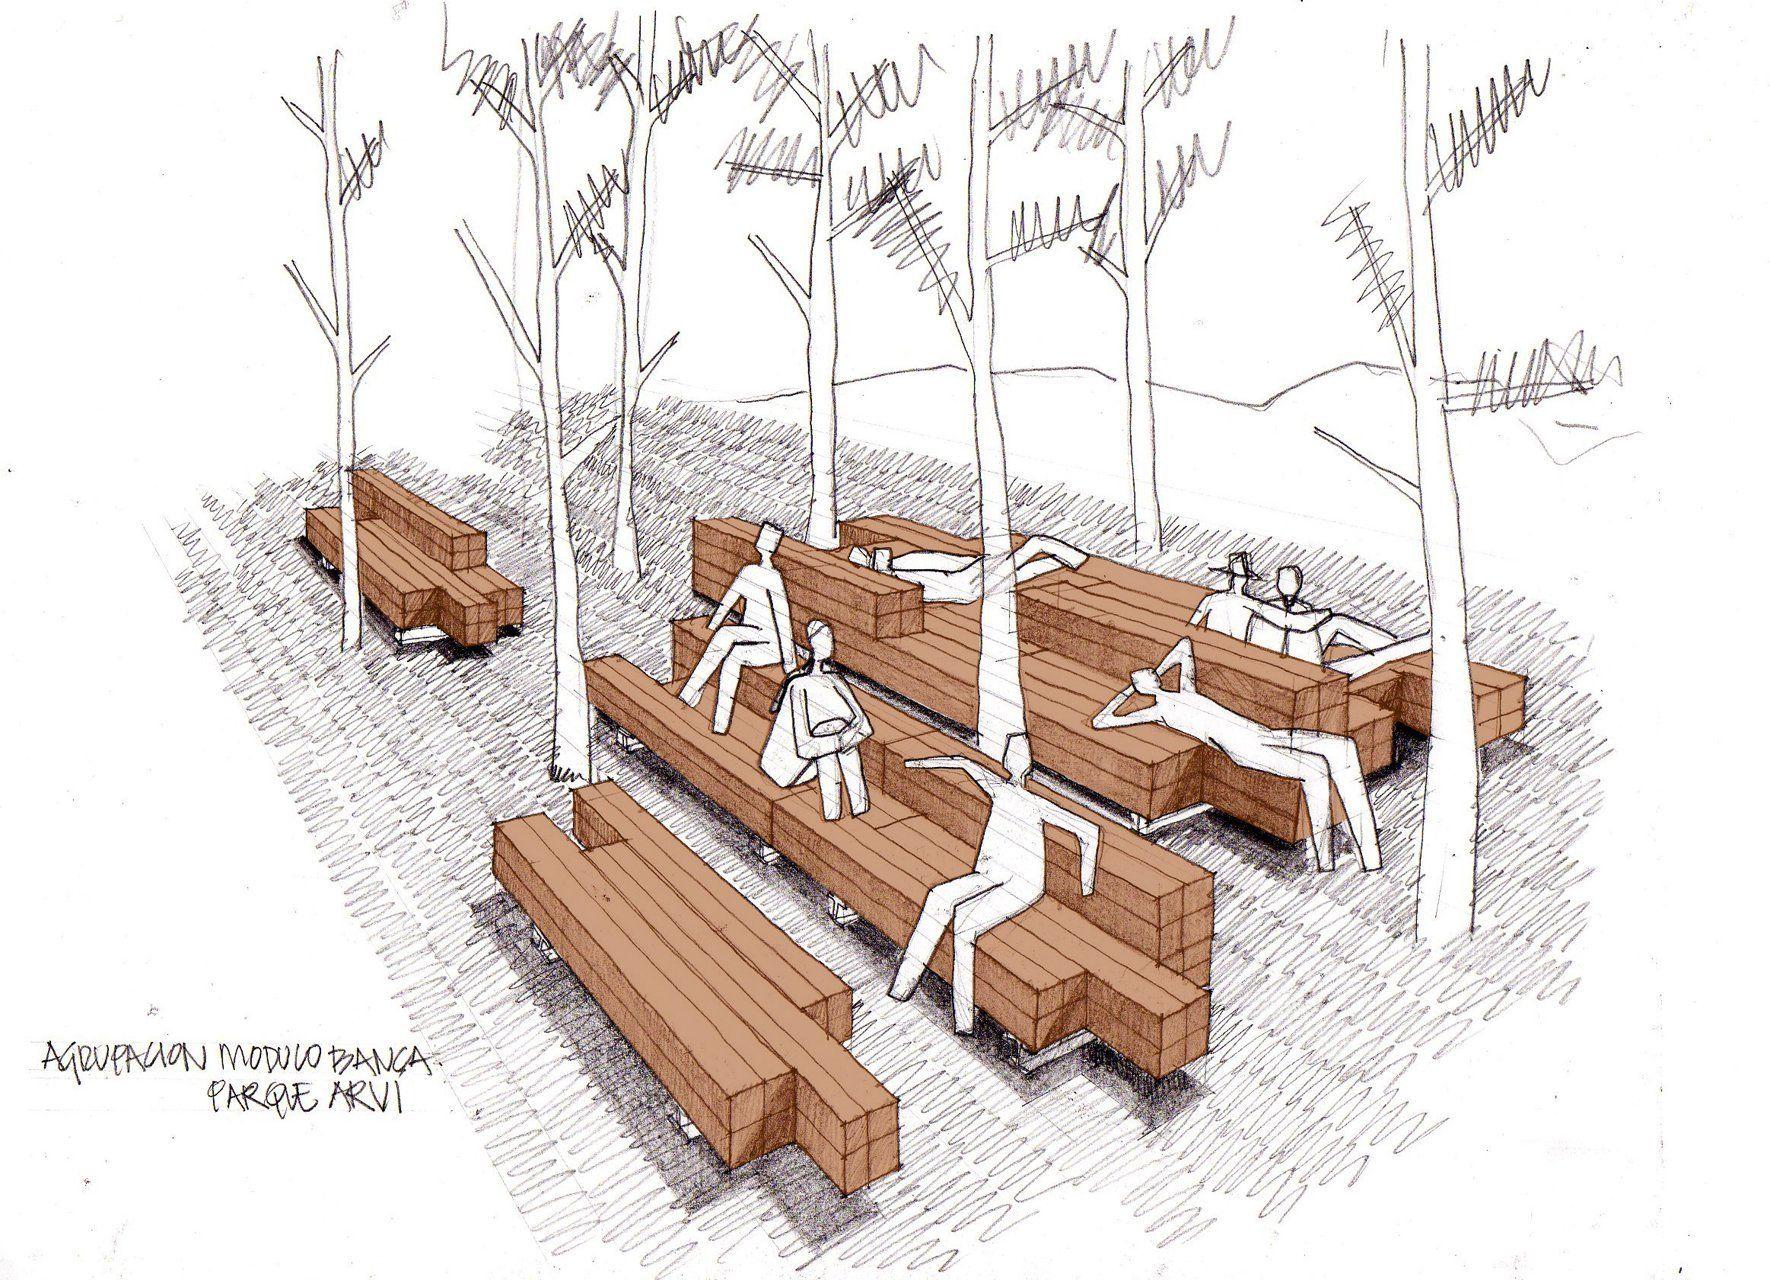 Dibujos de bancas de parques arquitectura buscar con for Equipamiento urbano arquitectura pdf